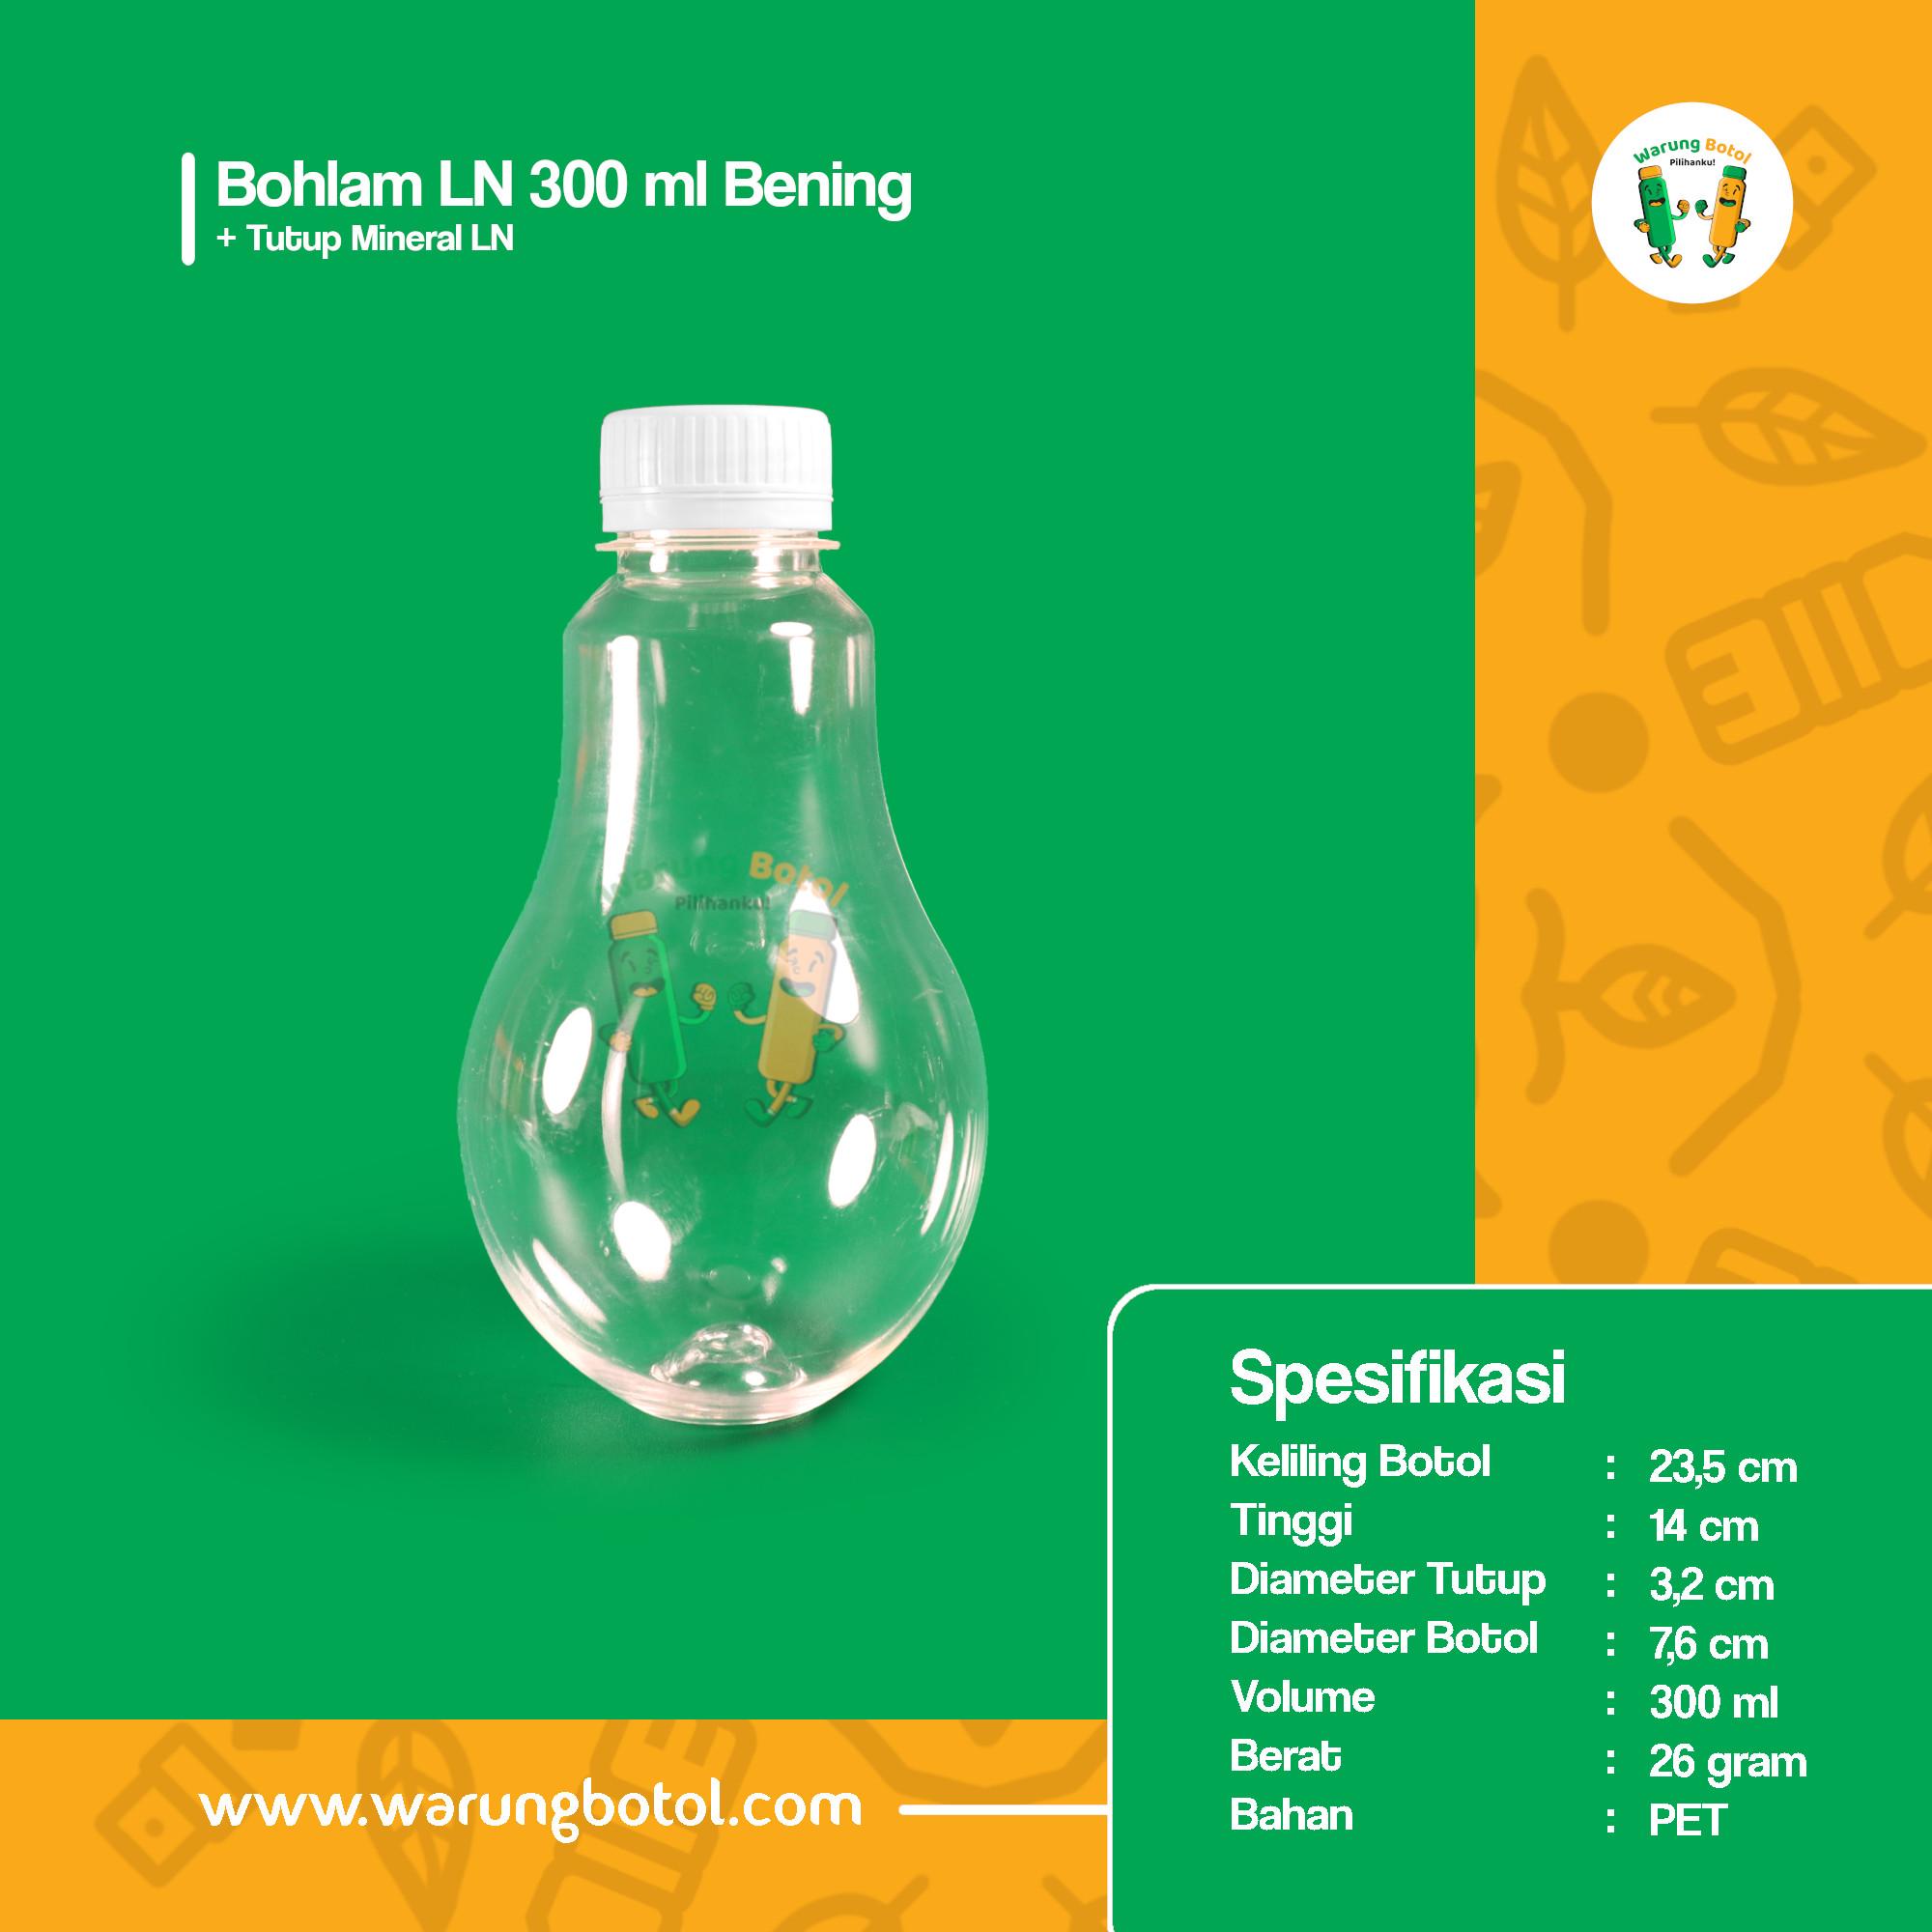 distributor toko jual botol plastik minuman unik bentuk bohlam 300ml bening murah terdekat bandung jakarta bogor bekasi